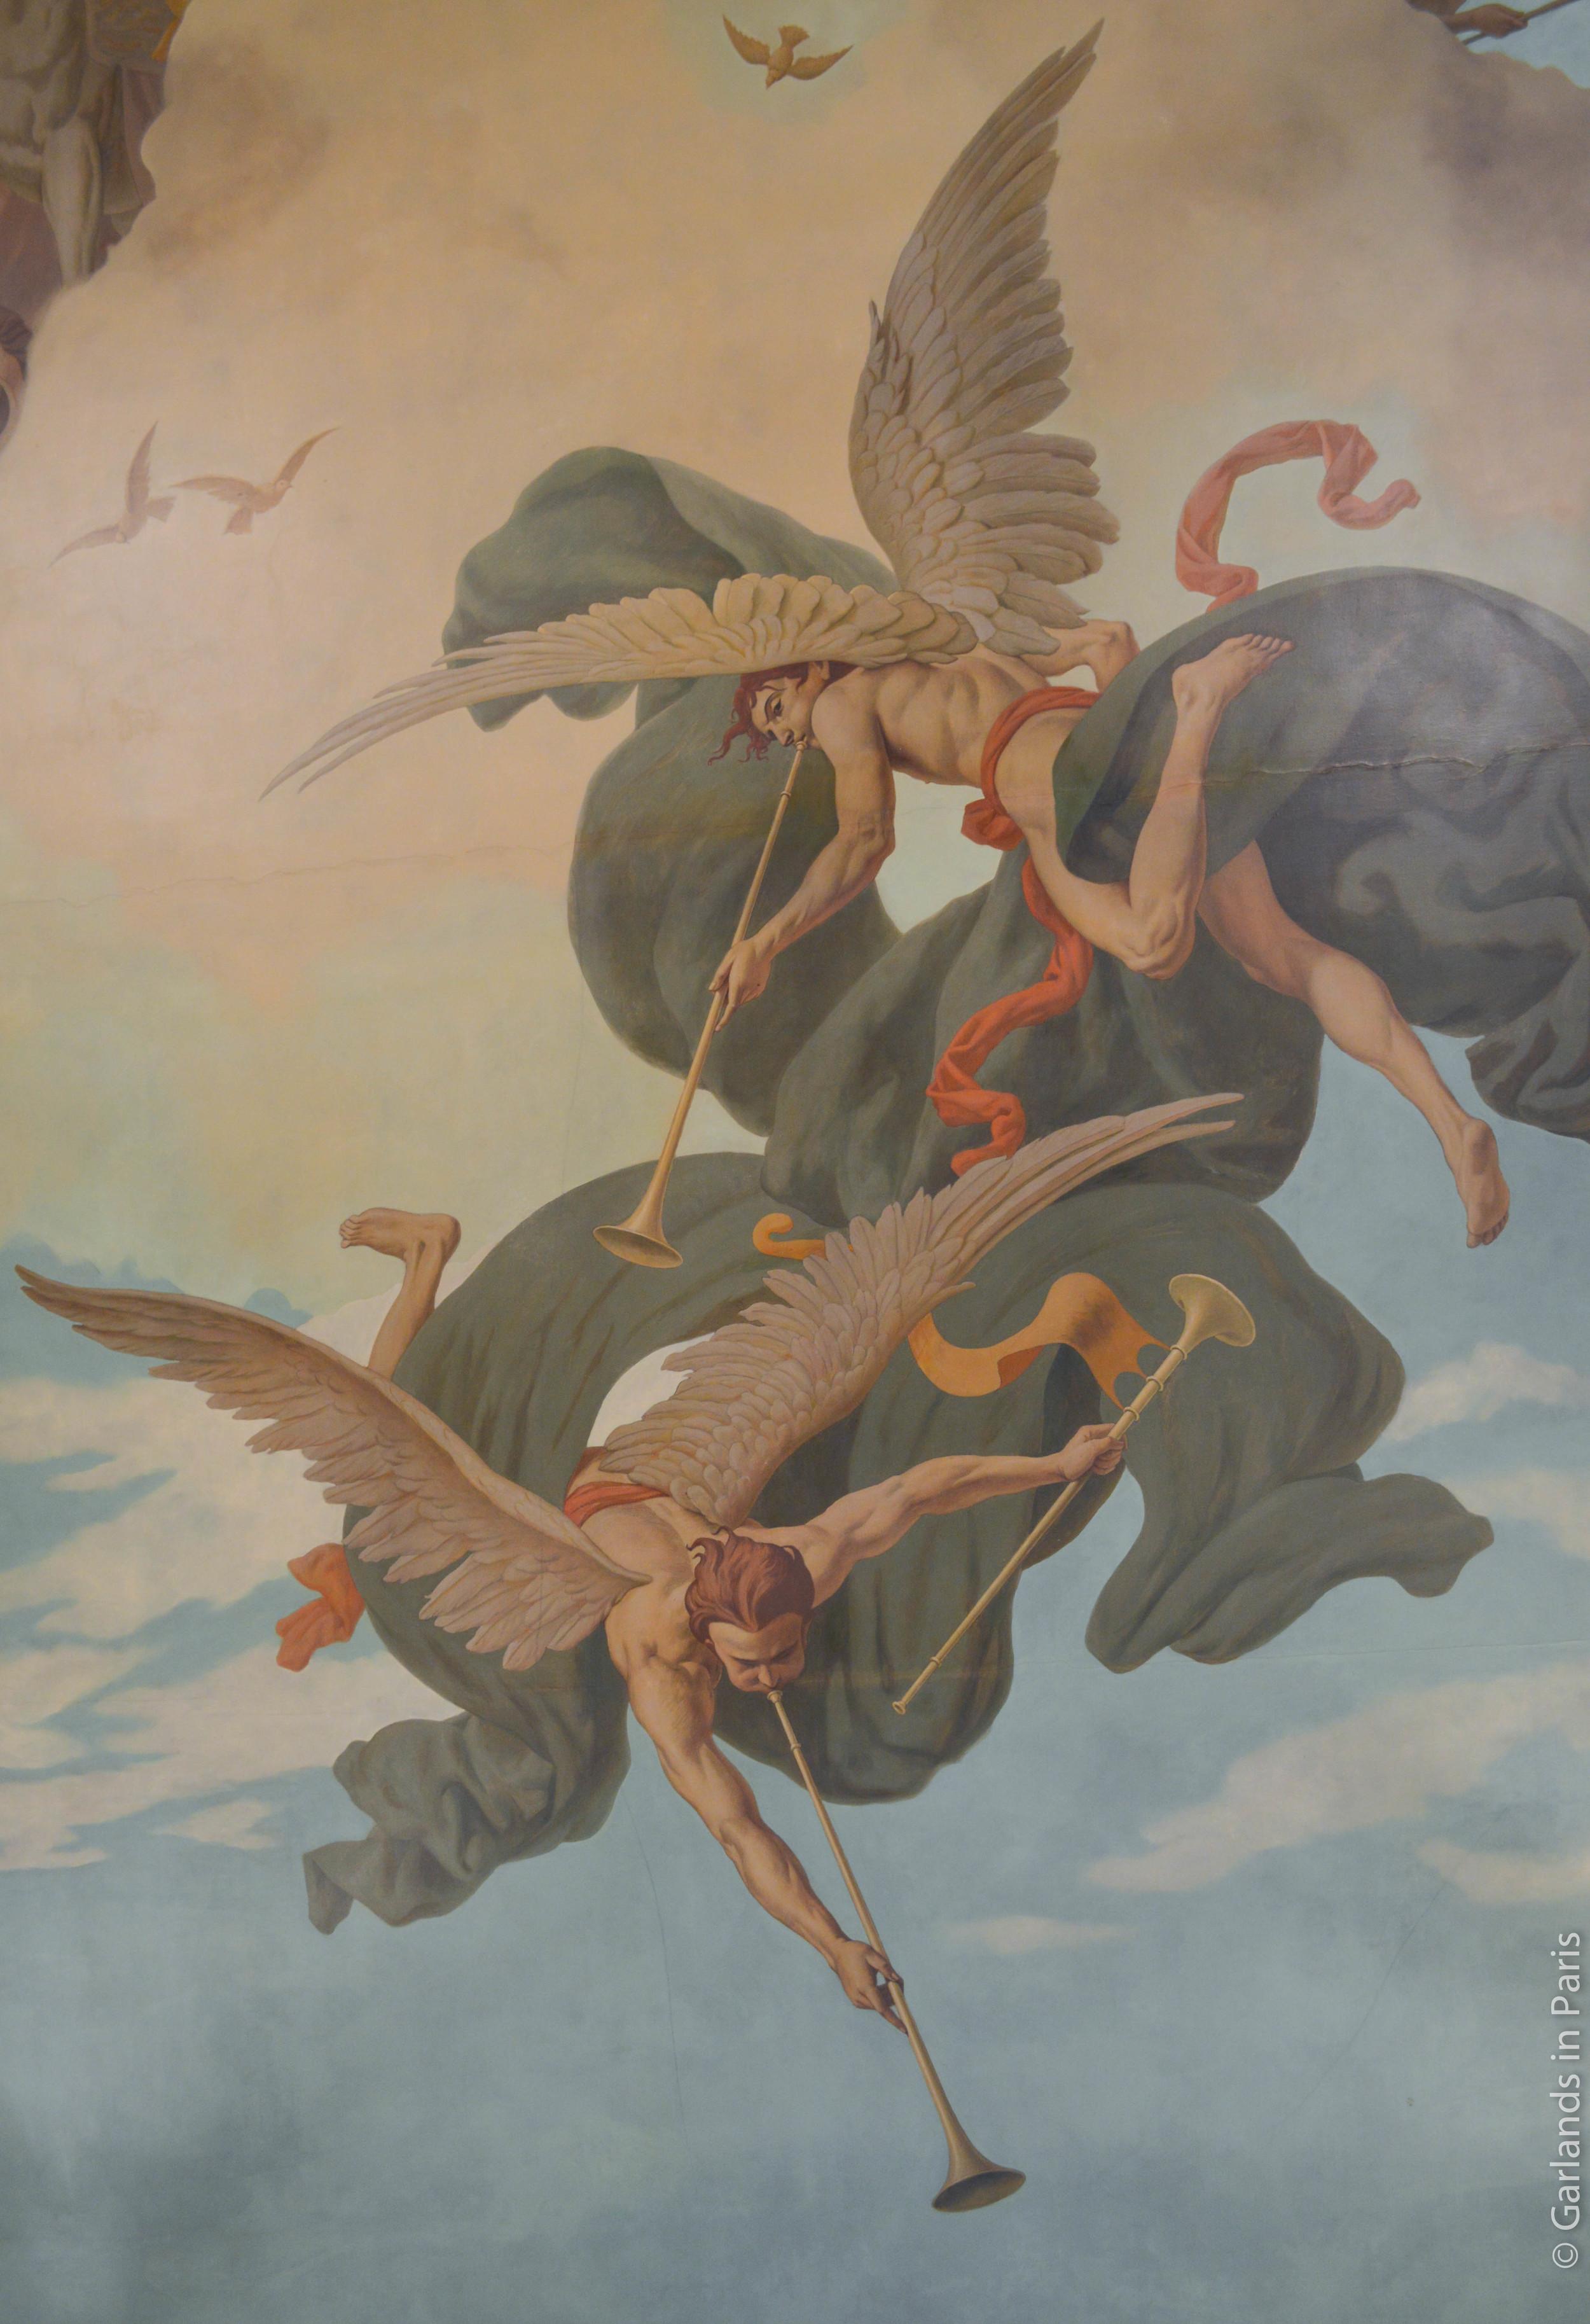 Fresco, Mairie du 6e, Paris